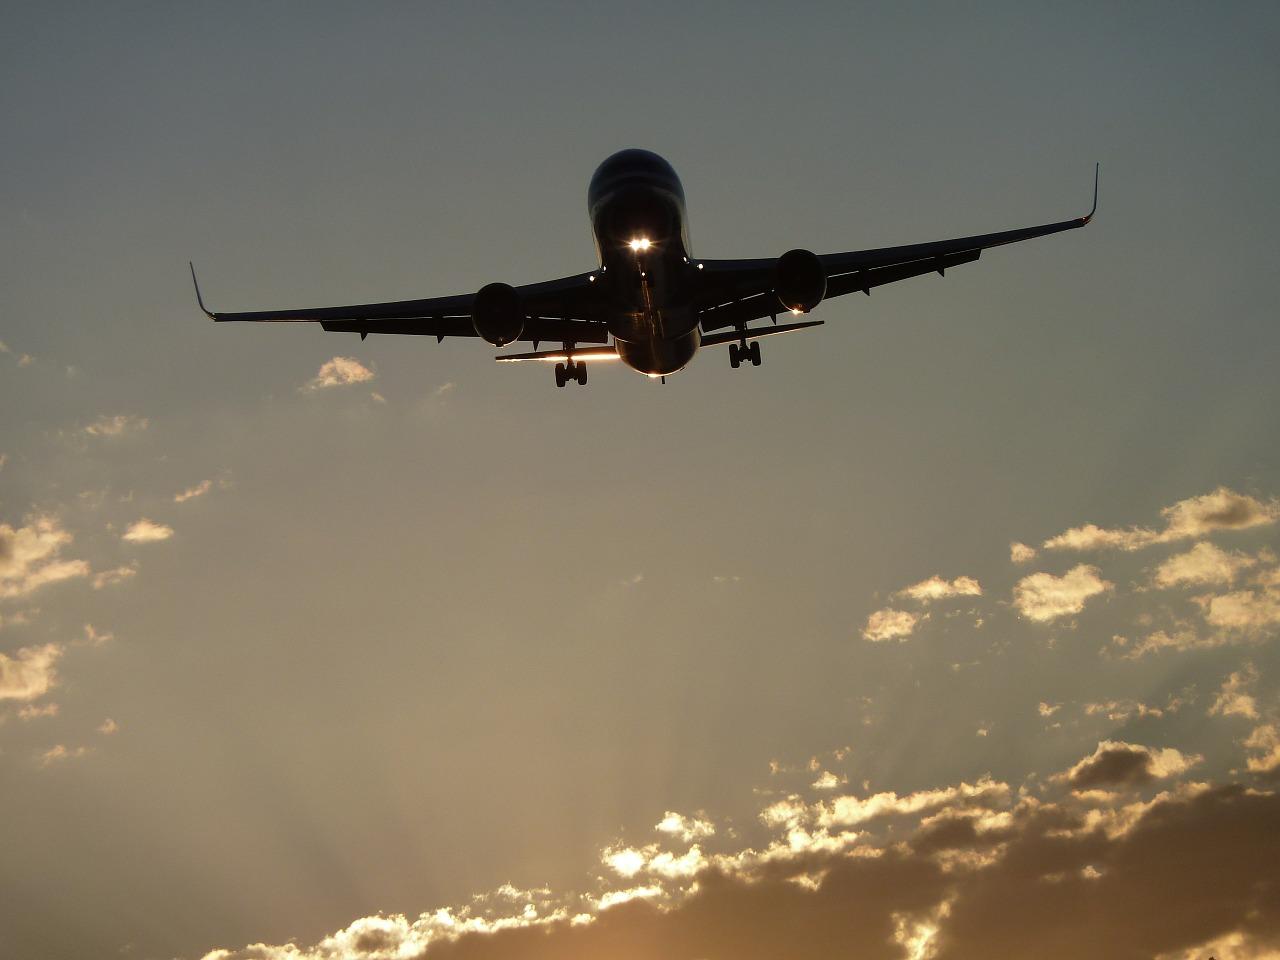 Bientôt, des avions sans pilotes